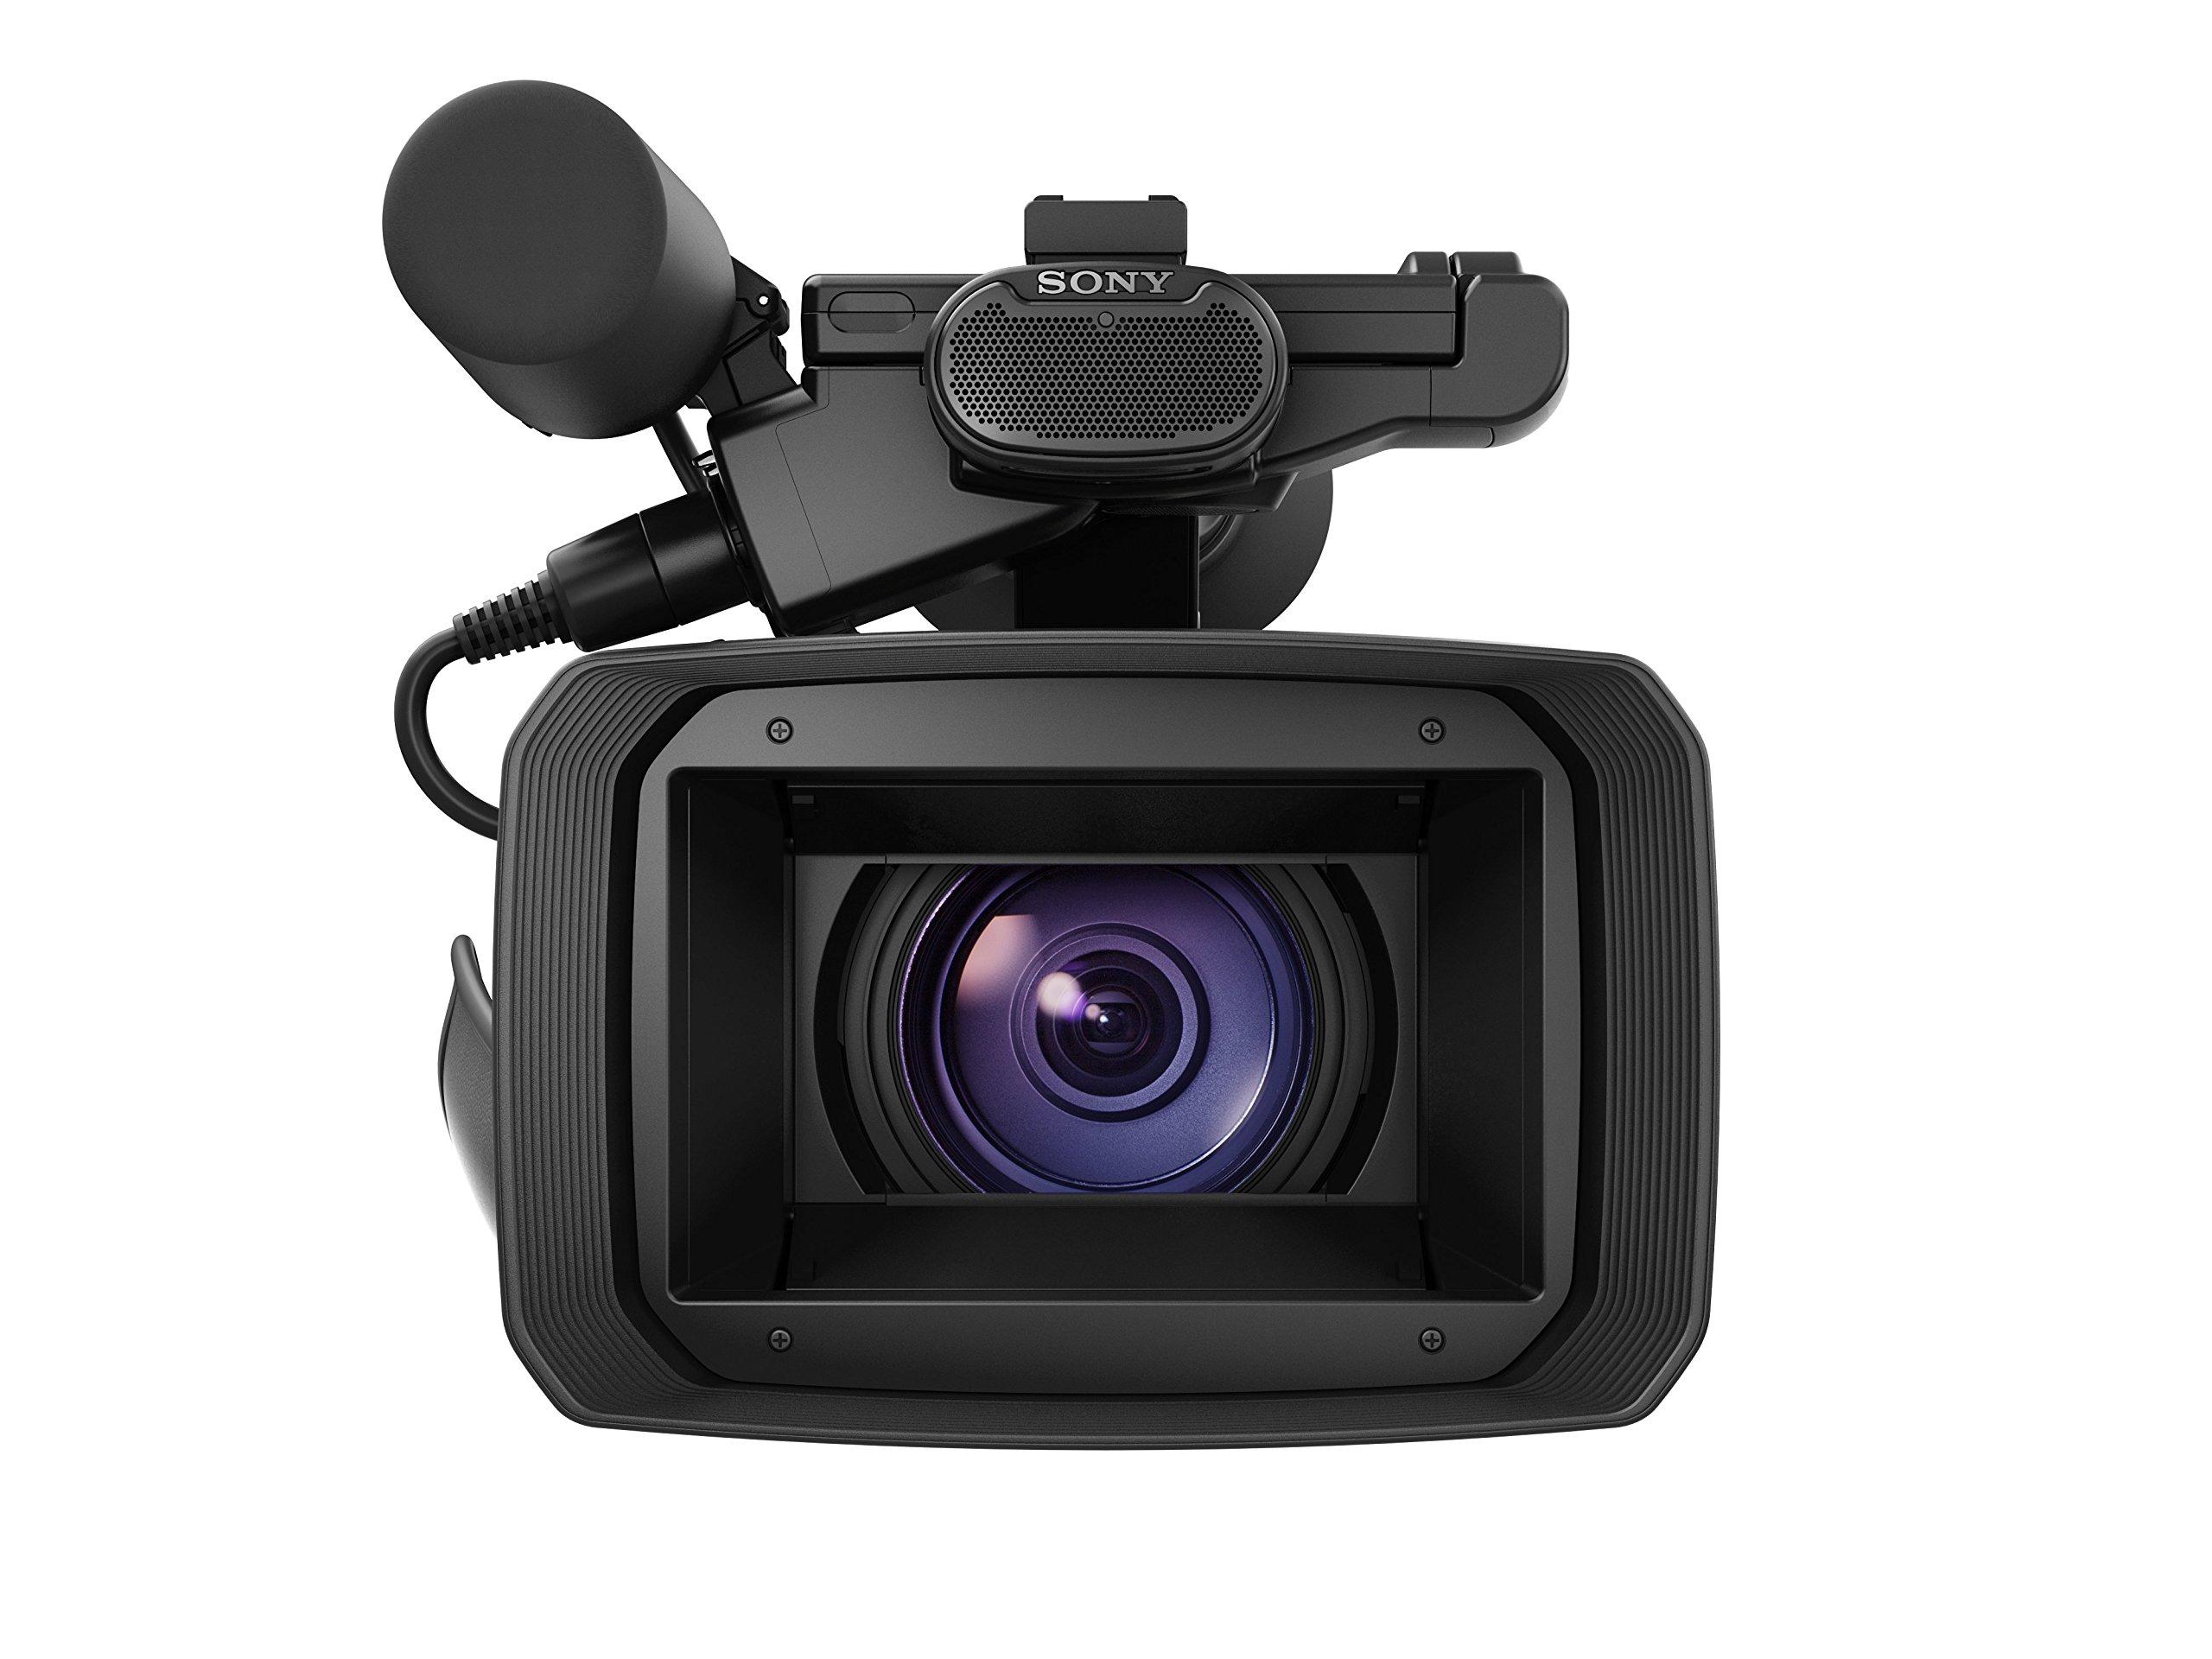 Isg-z100 camera driver